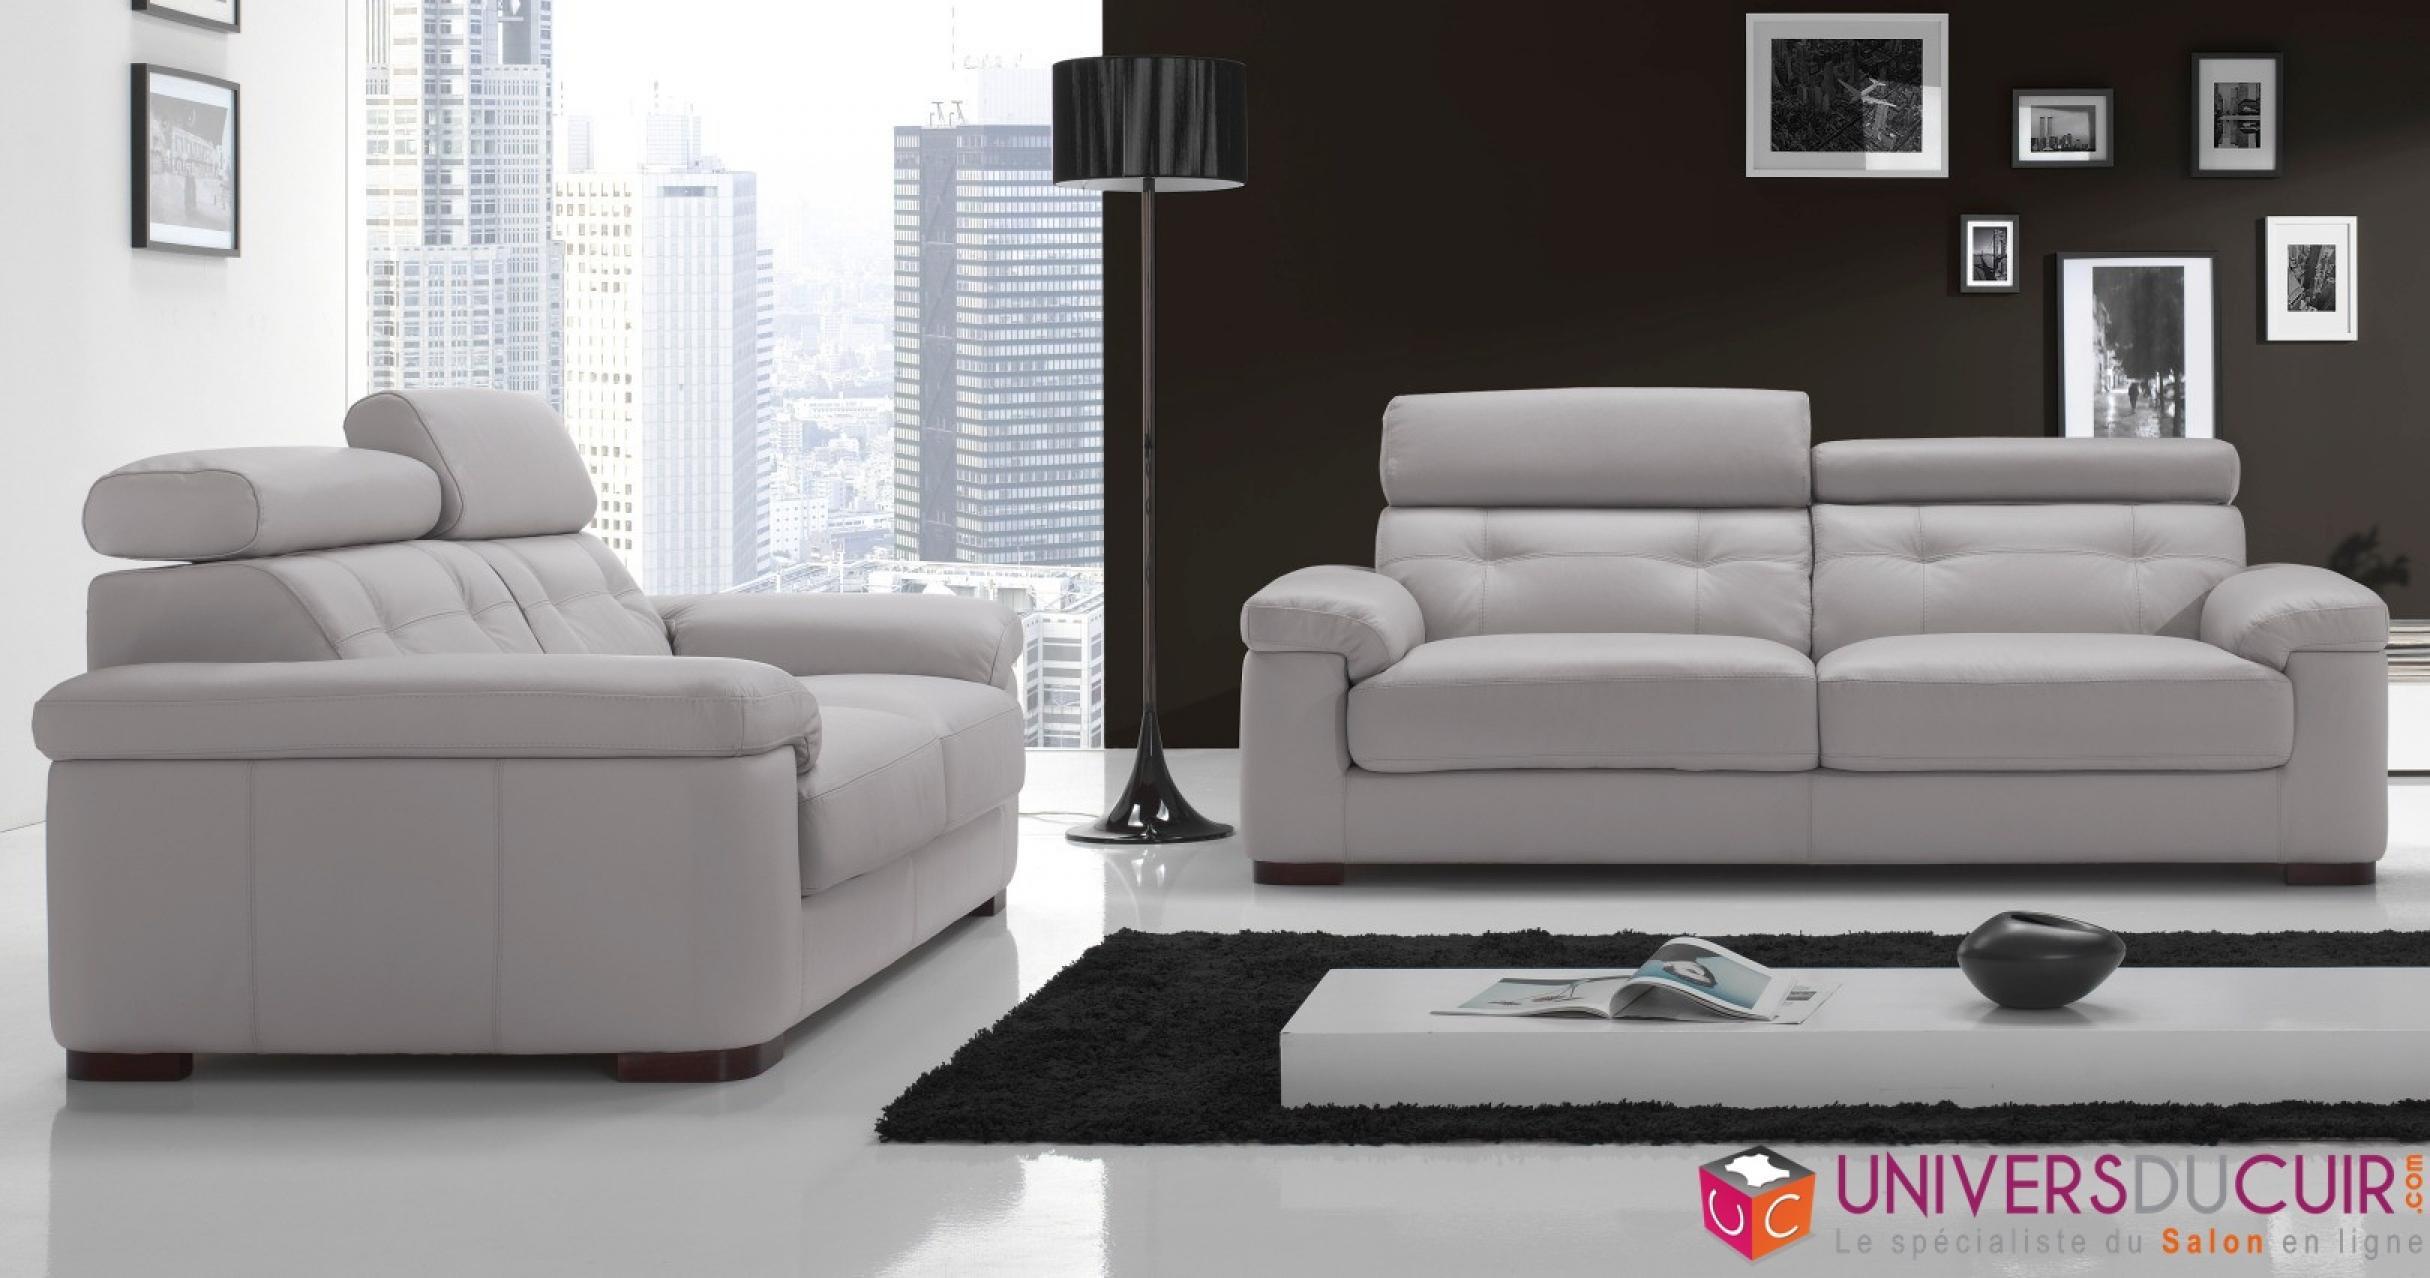 Canapé Rouge Pas Cher Beau Images Centralillaw Design De Maison